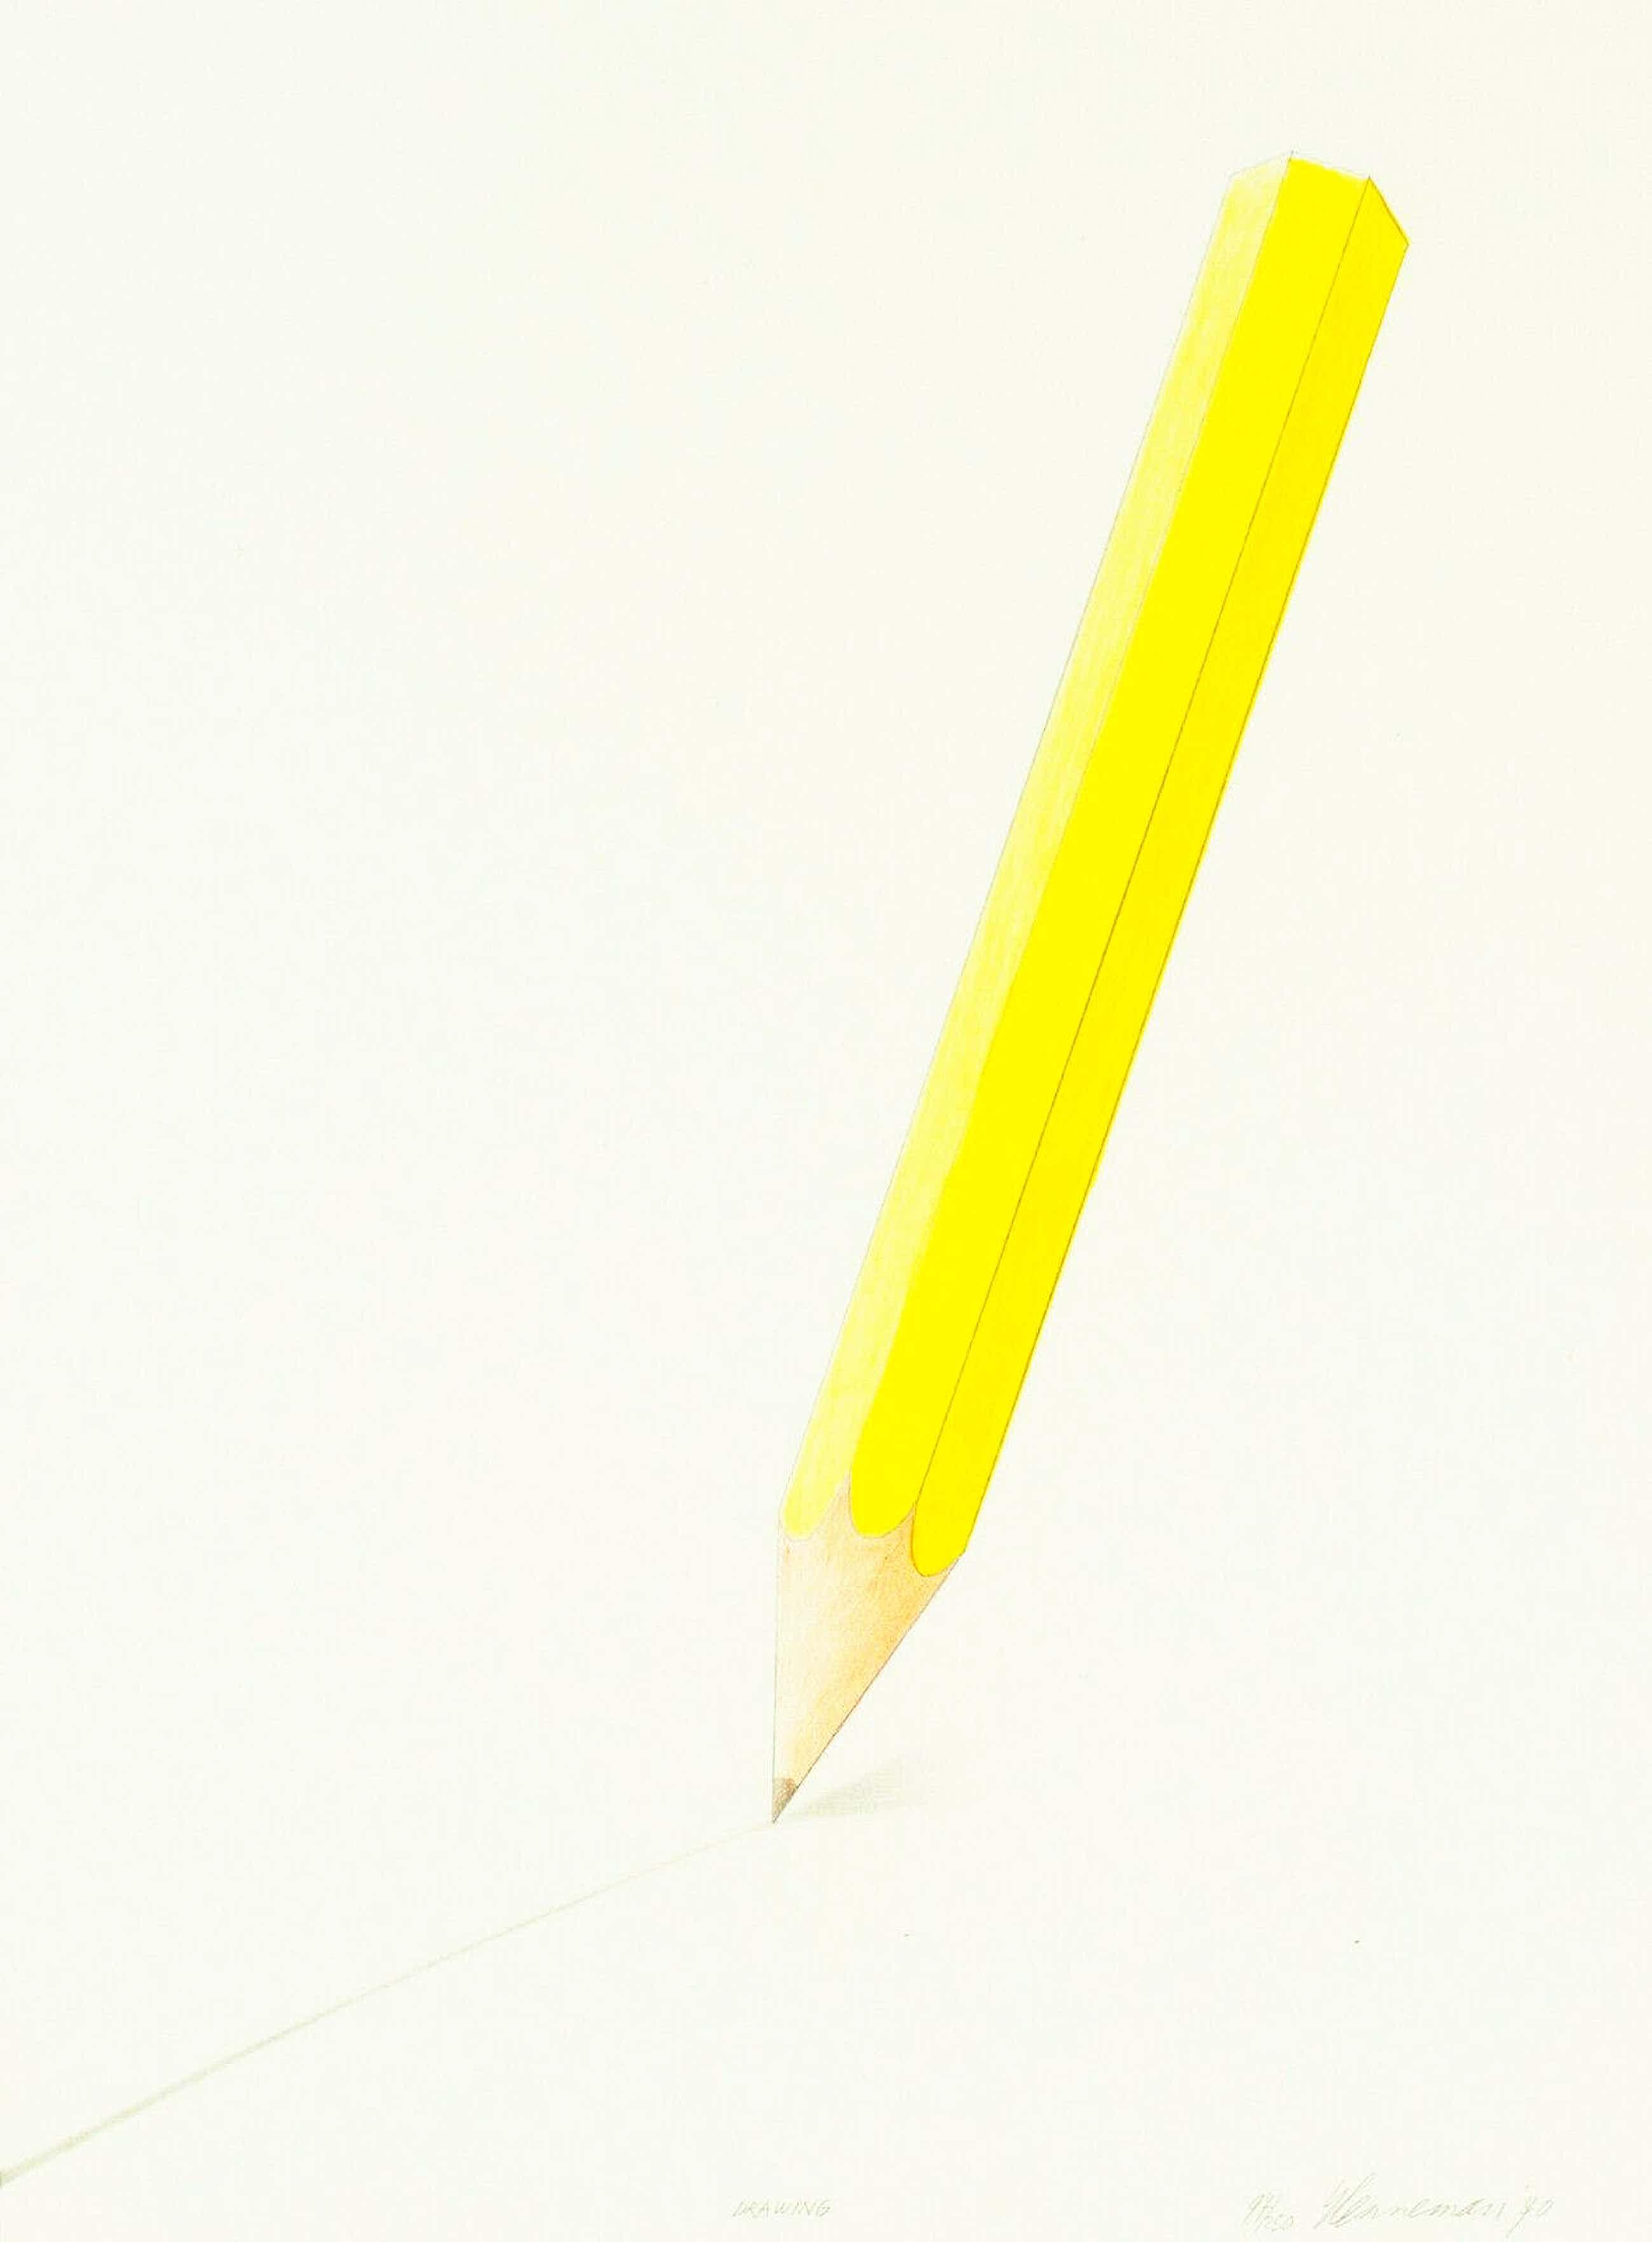 Jeroen Henneman - Drawing/Geel Potlood kopen? Bied vanaf 125!